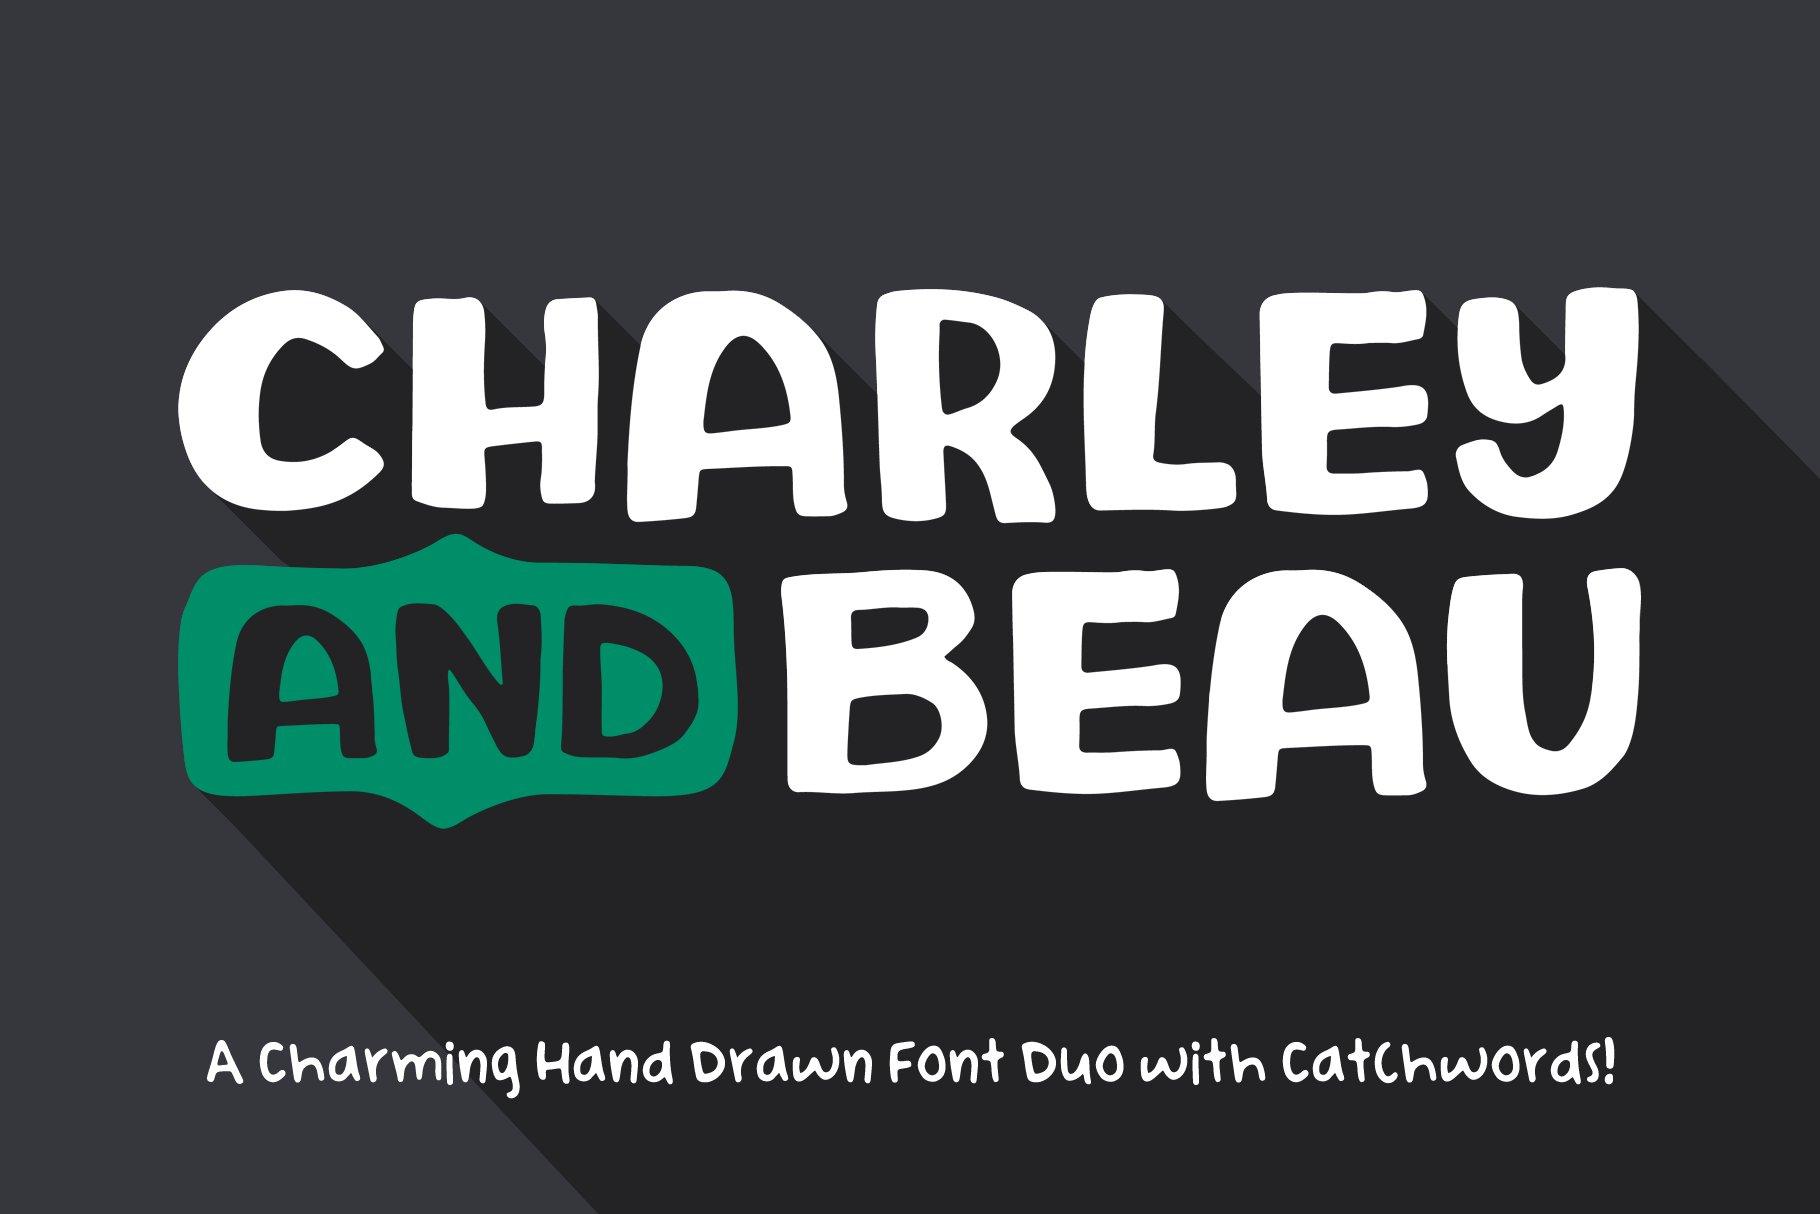 Charlie and Beau